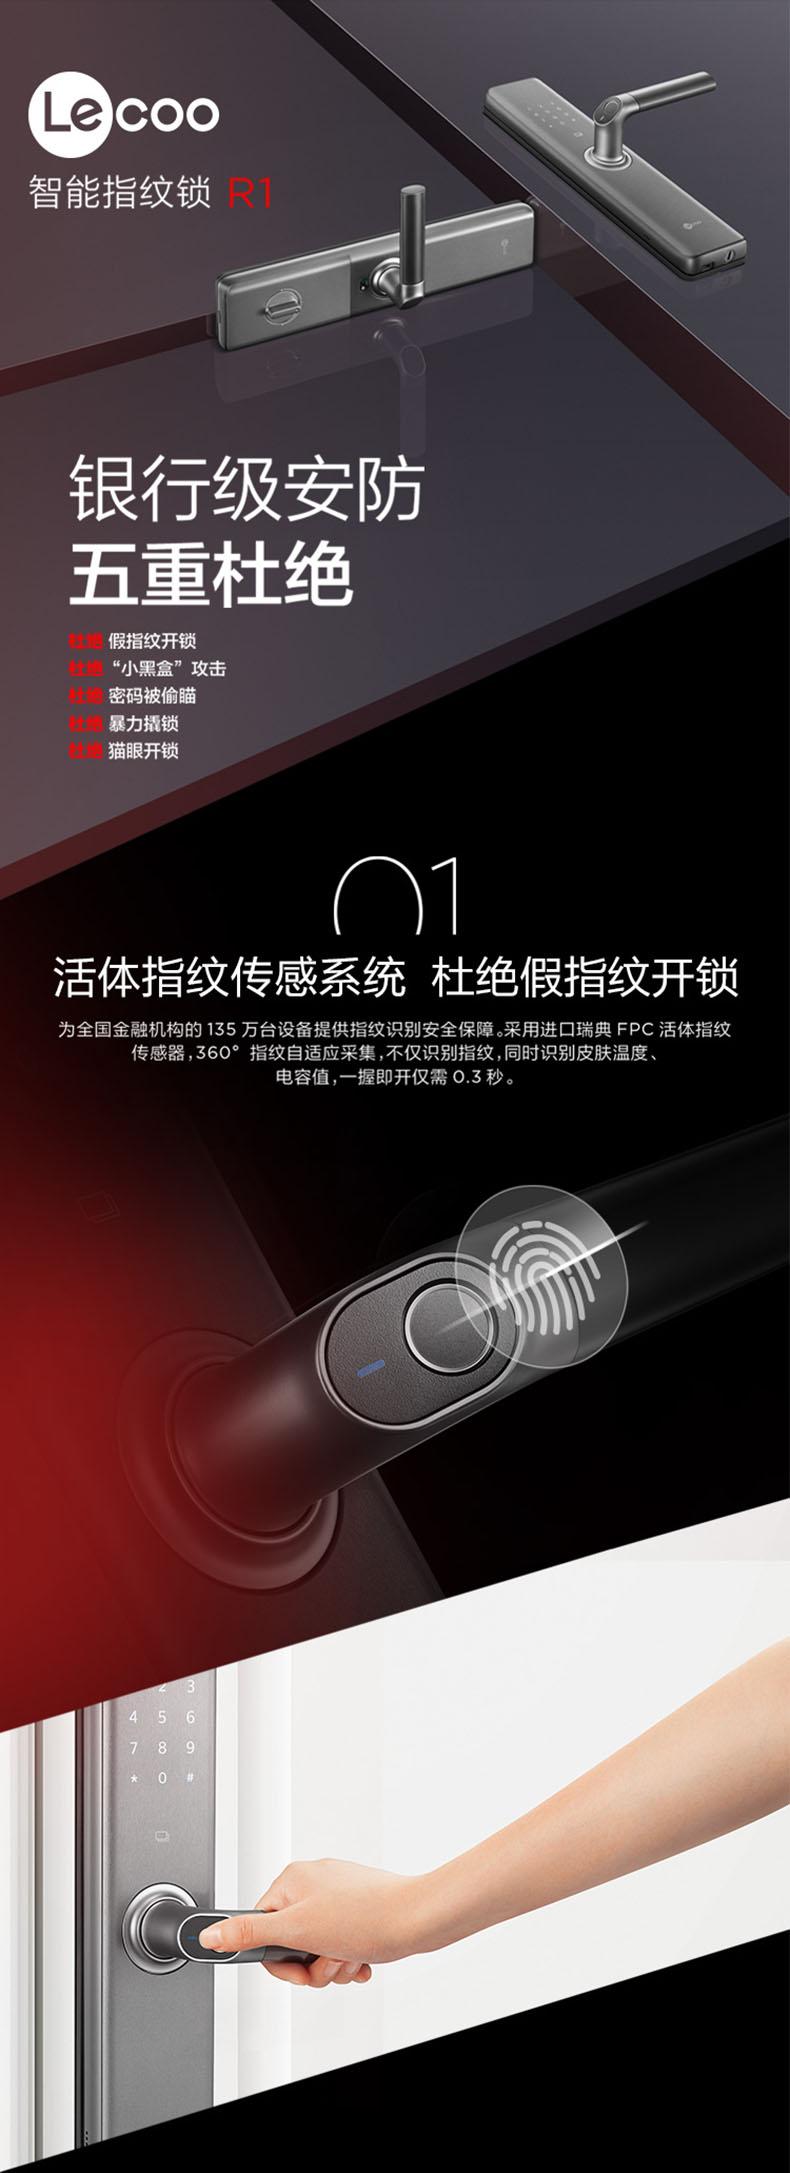 评测真的使用Lenovo/联想 Lecoo智能指纹锁R1怎么样呢??Lecoo智能指纹锁R1好不好